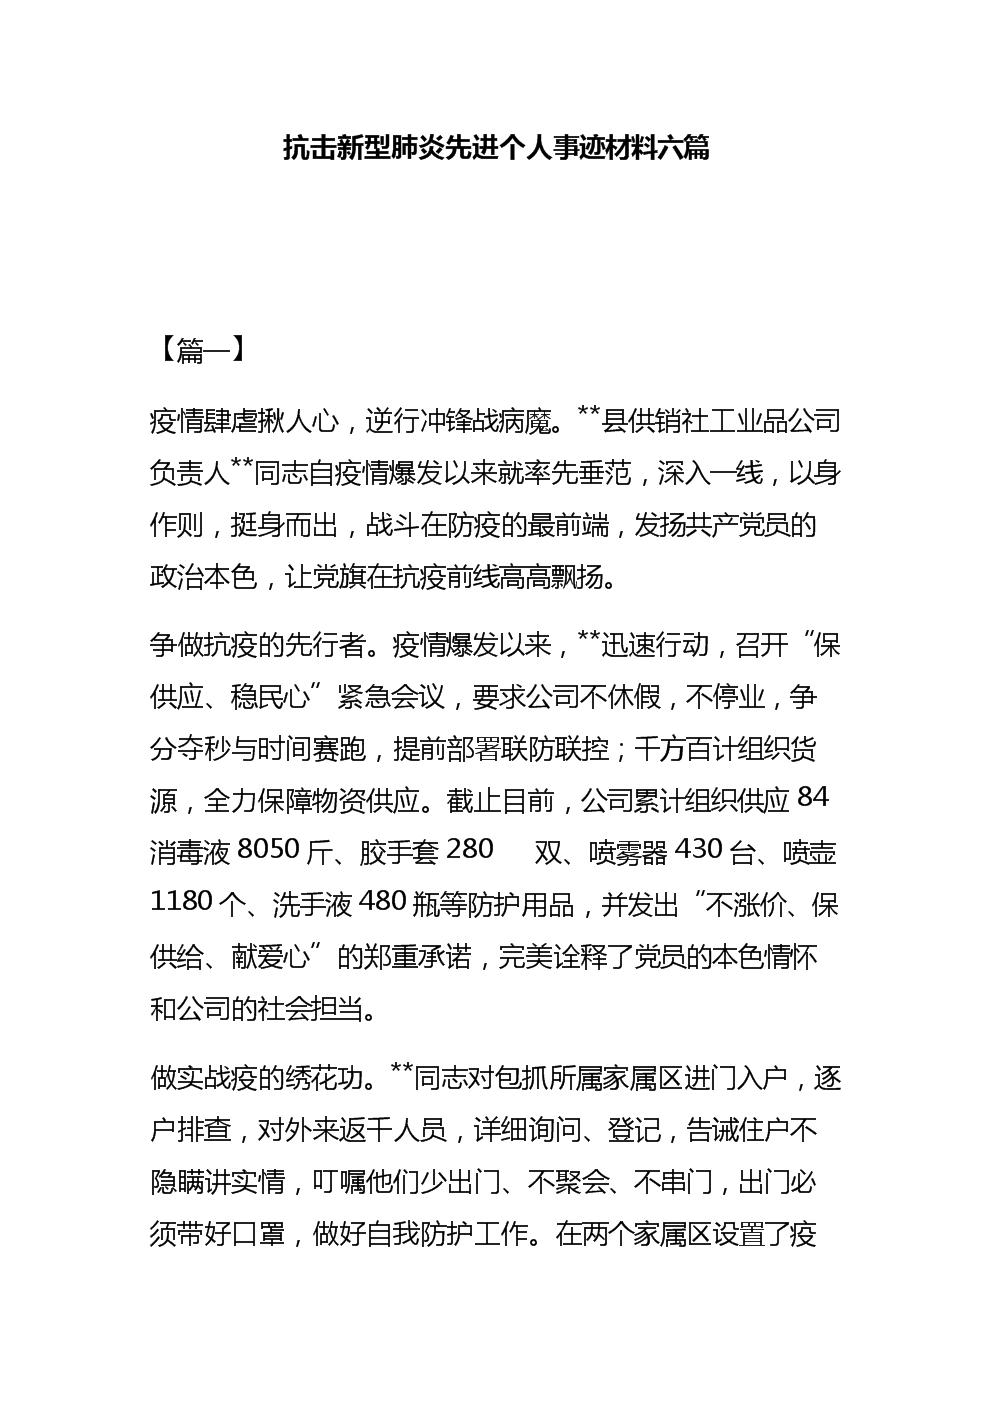 抗击新型肺炎先进个人事迹材料六篇.docx